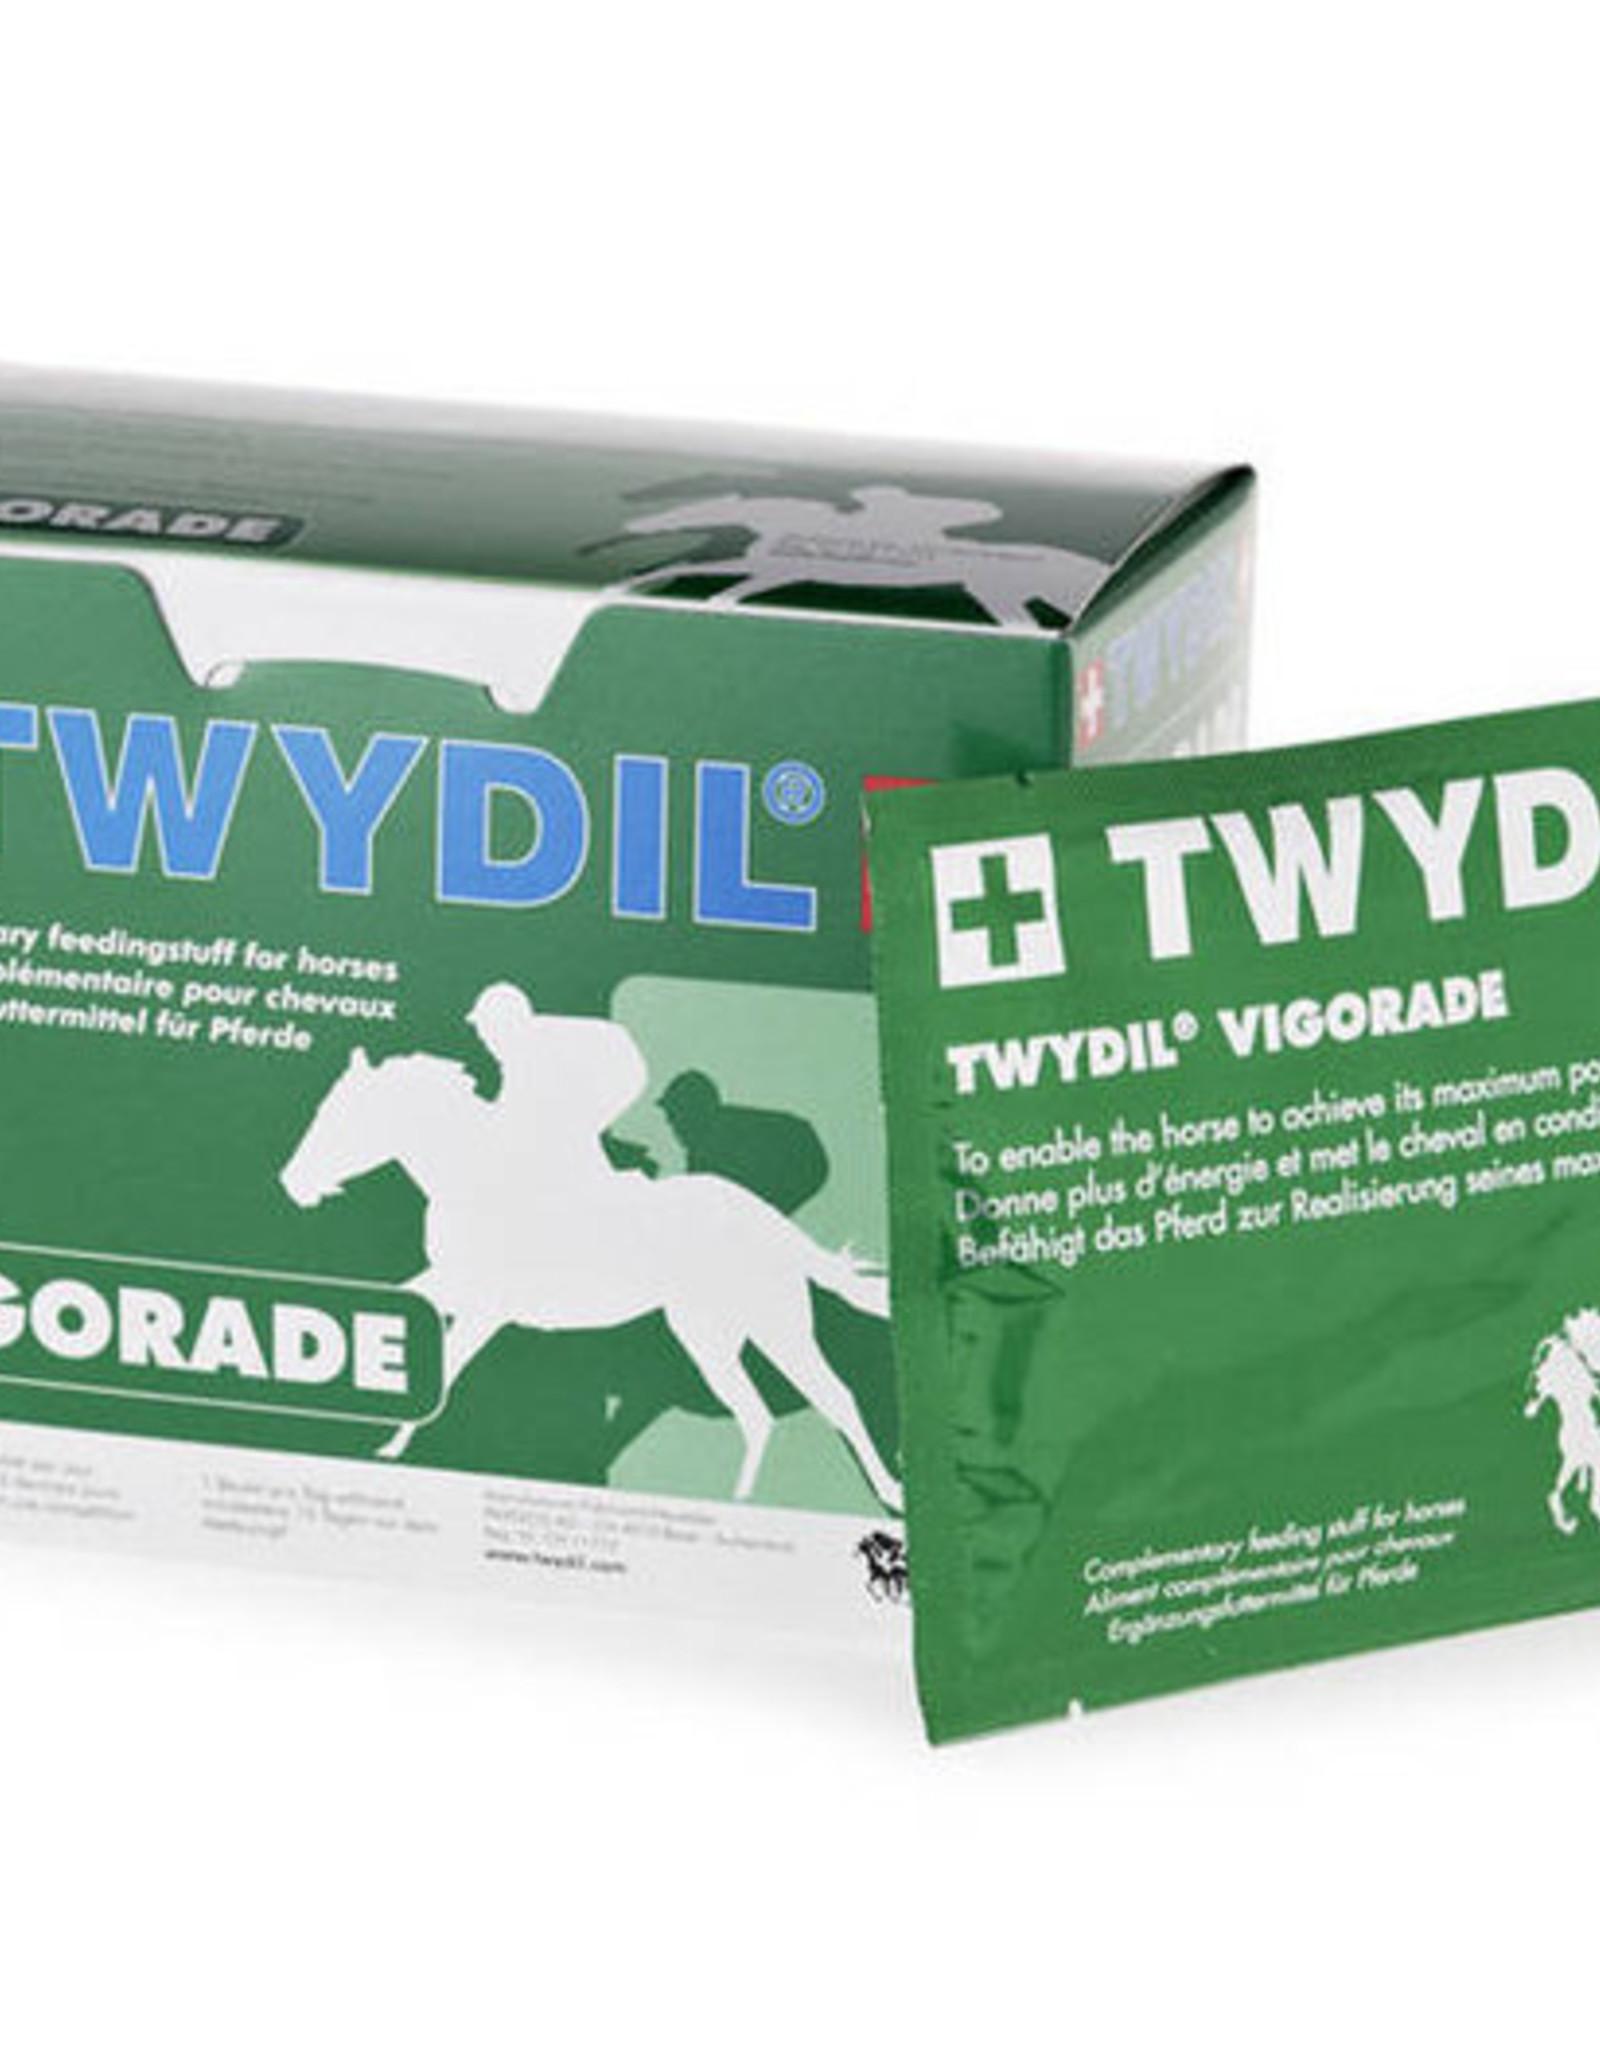 TWYDIL Twydil Vigorade 50gr